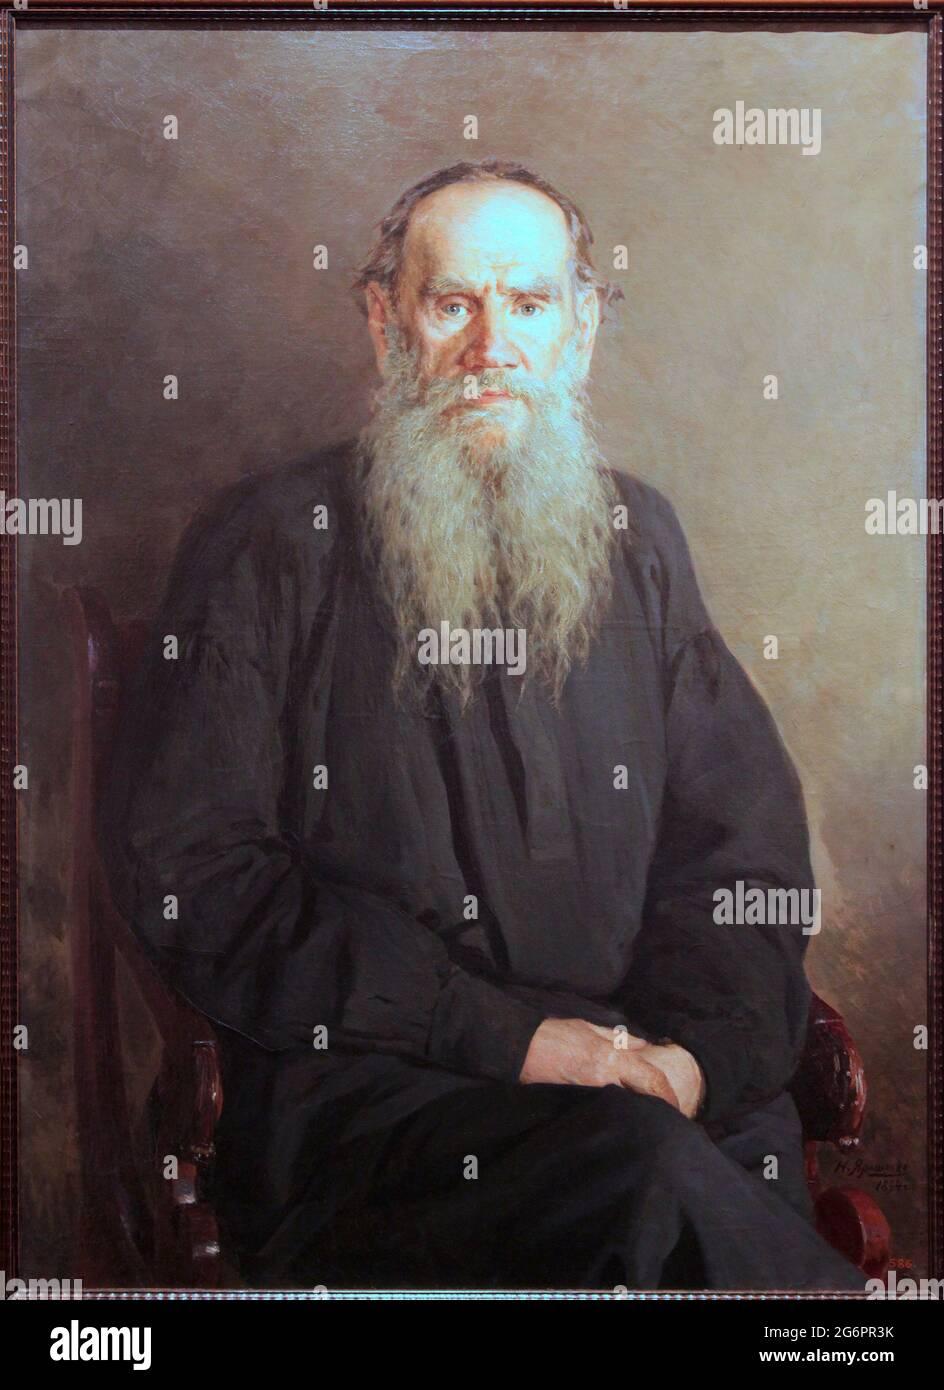 Portrait de Léon Tolstoï 1894 par l'artiste Nikolai Alexandrovitch Yarochenko (Николай Александрович Ярошенко; Микола Олександрович Ярошенко; 1846 – 1898) peintre impérial russe d'origine ukrainienne. Tolstoï;l'écrivain russe a considéré l'un des plus grands auteurs de tous les temps. Banque D'Images